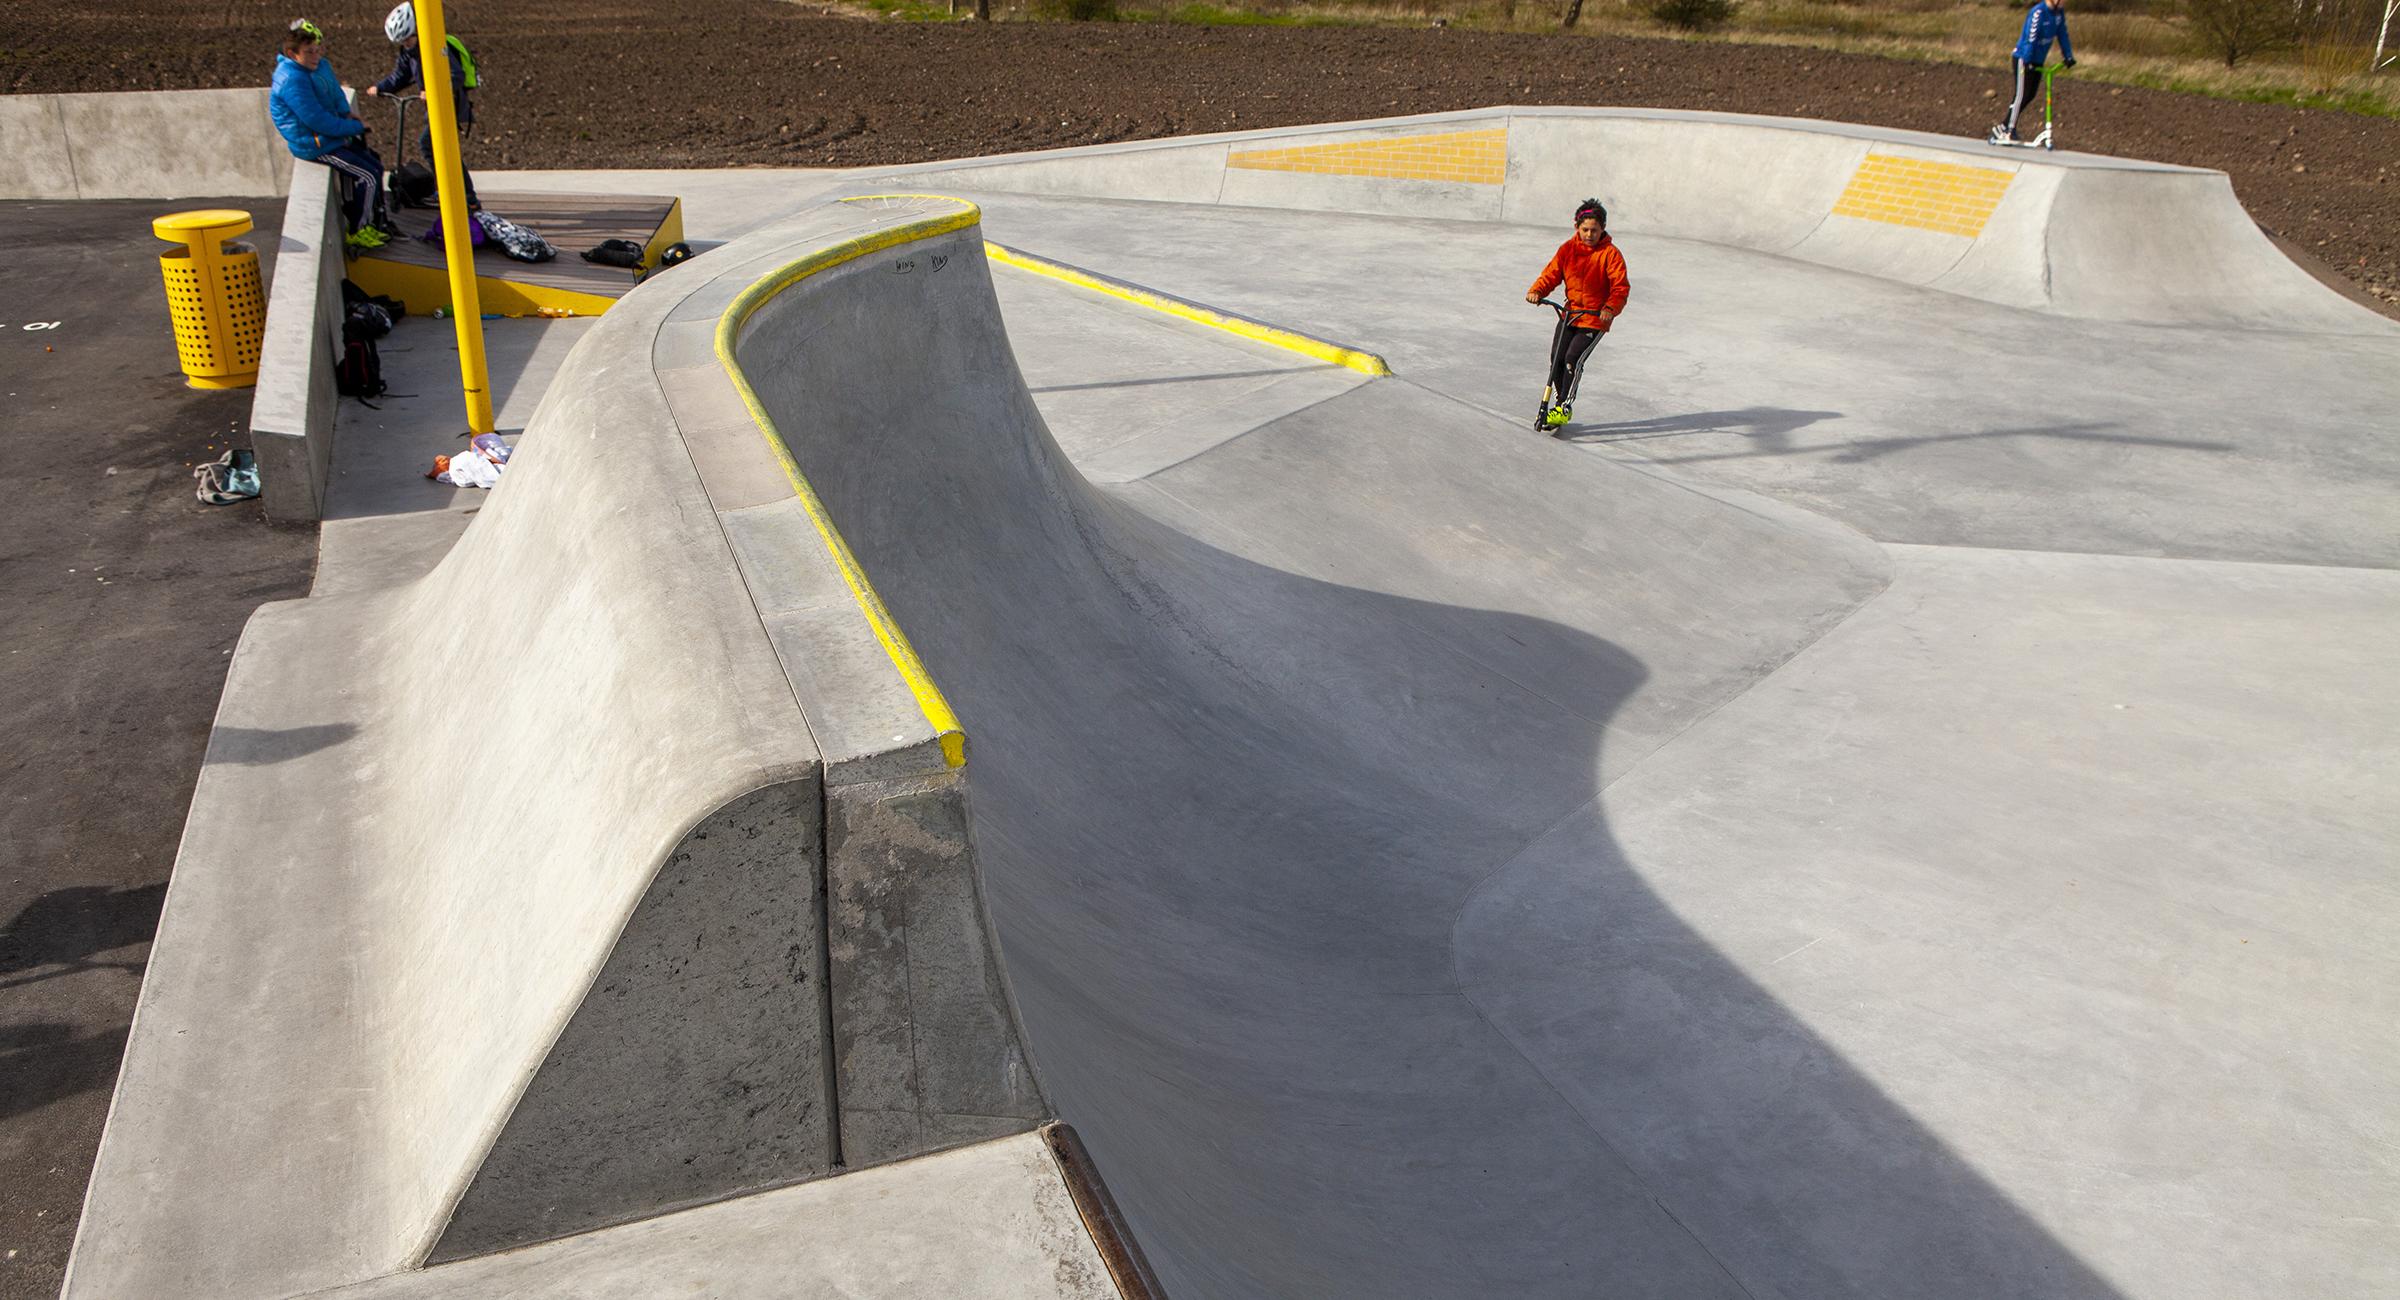 En beton skatepark med forhøjede kanter malet gule